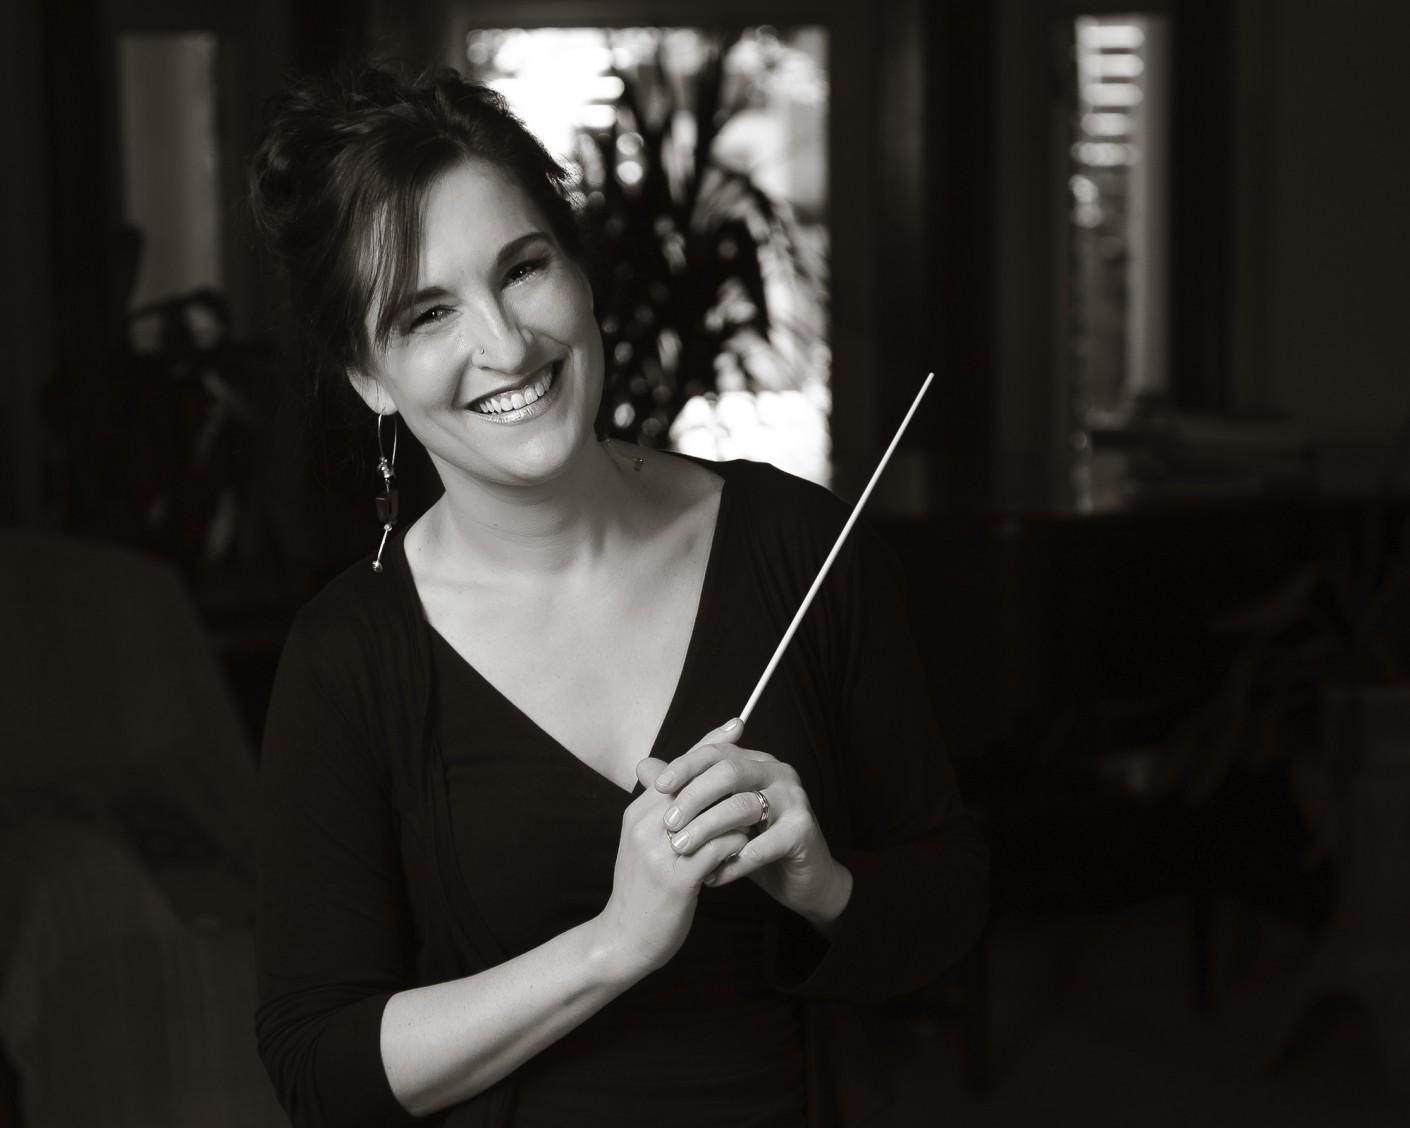 Casting : Roseline Blain -Roseline Blain - Pianiste & chef de choral, KW:  Artiste, Musicien, RoselineBlain